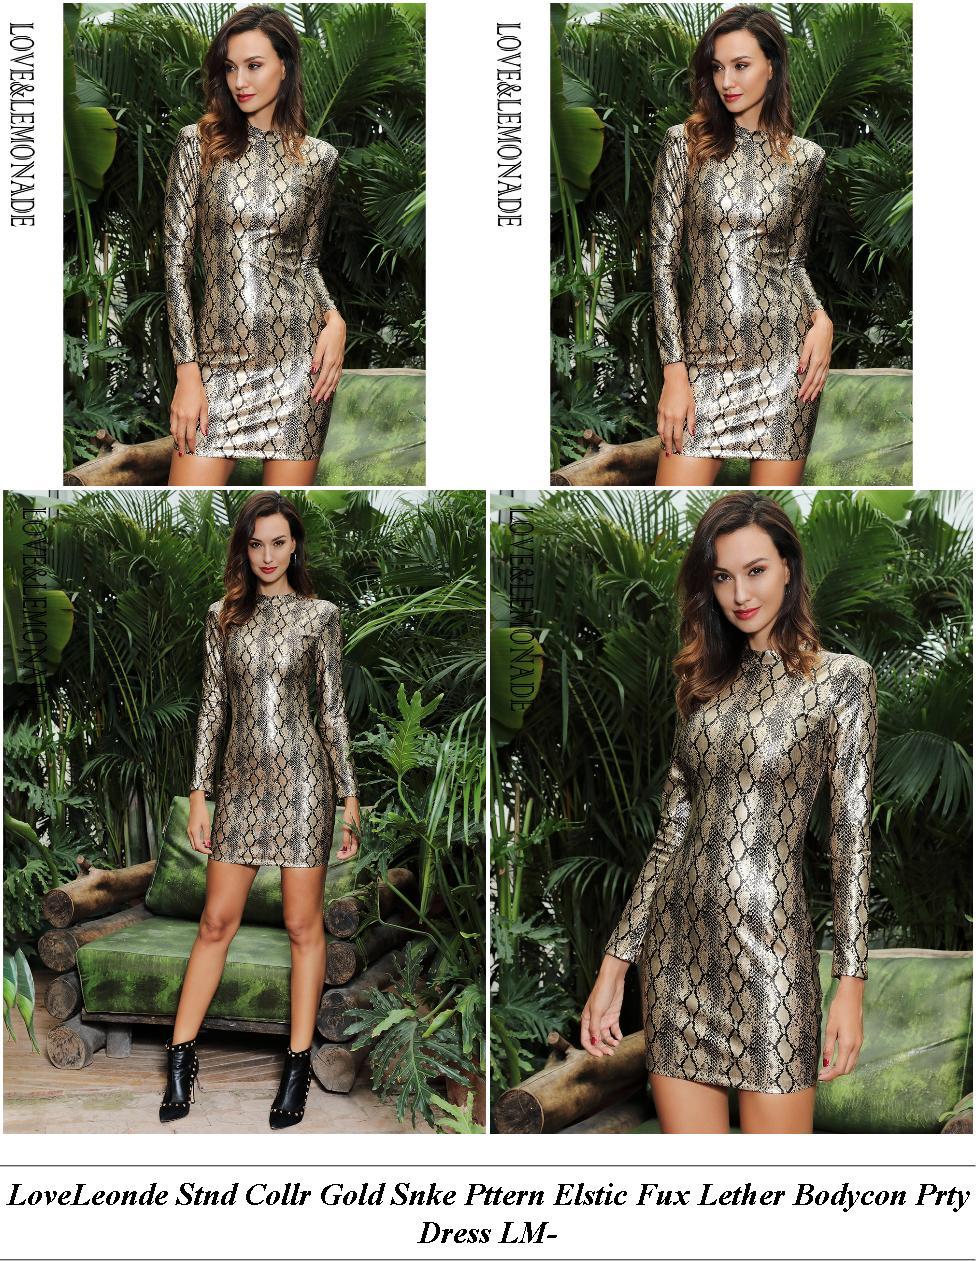 Vintage Formal Dresses Uk - Shop Property For Sale Edinurgh - Ridal Dresses